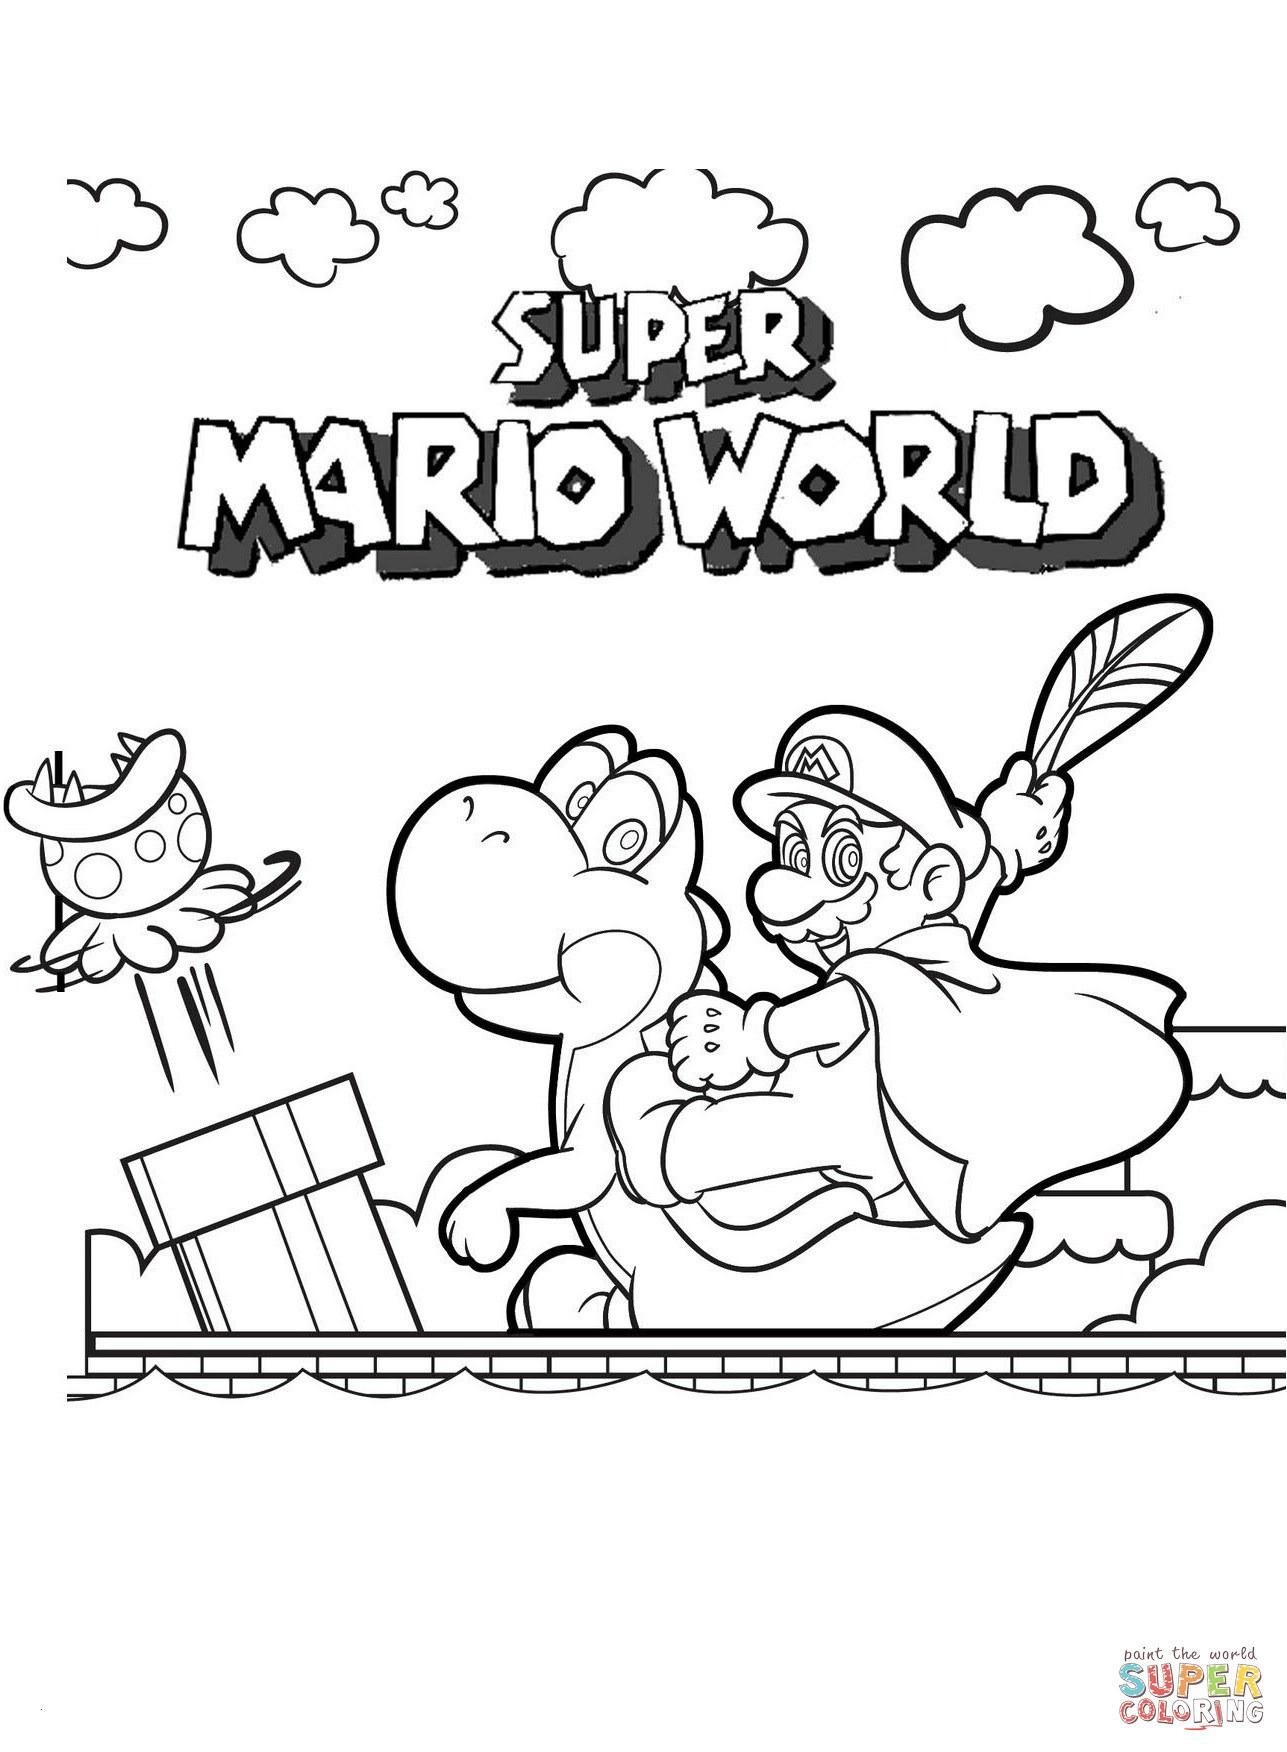 Super Mario Malvorlage Inspirierend 37 Super Mario Kart Ausmalbilder Scoredatscore Inspirierend Super Stock